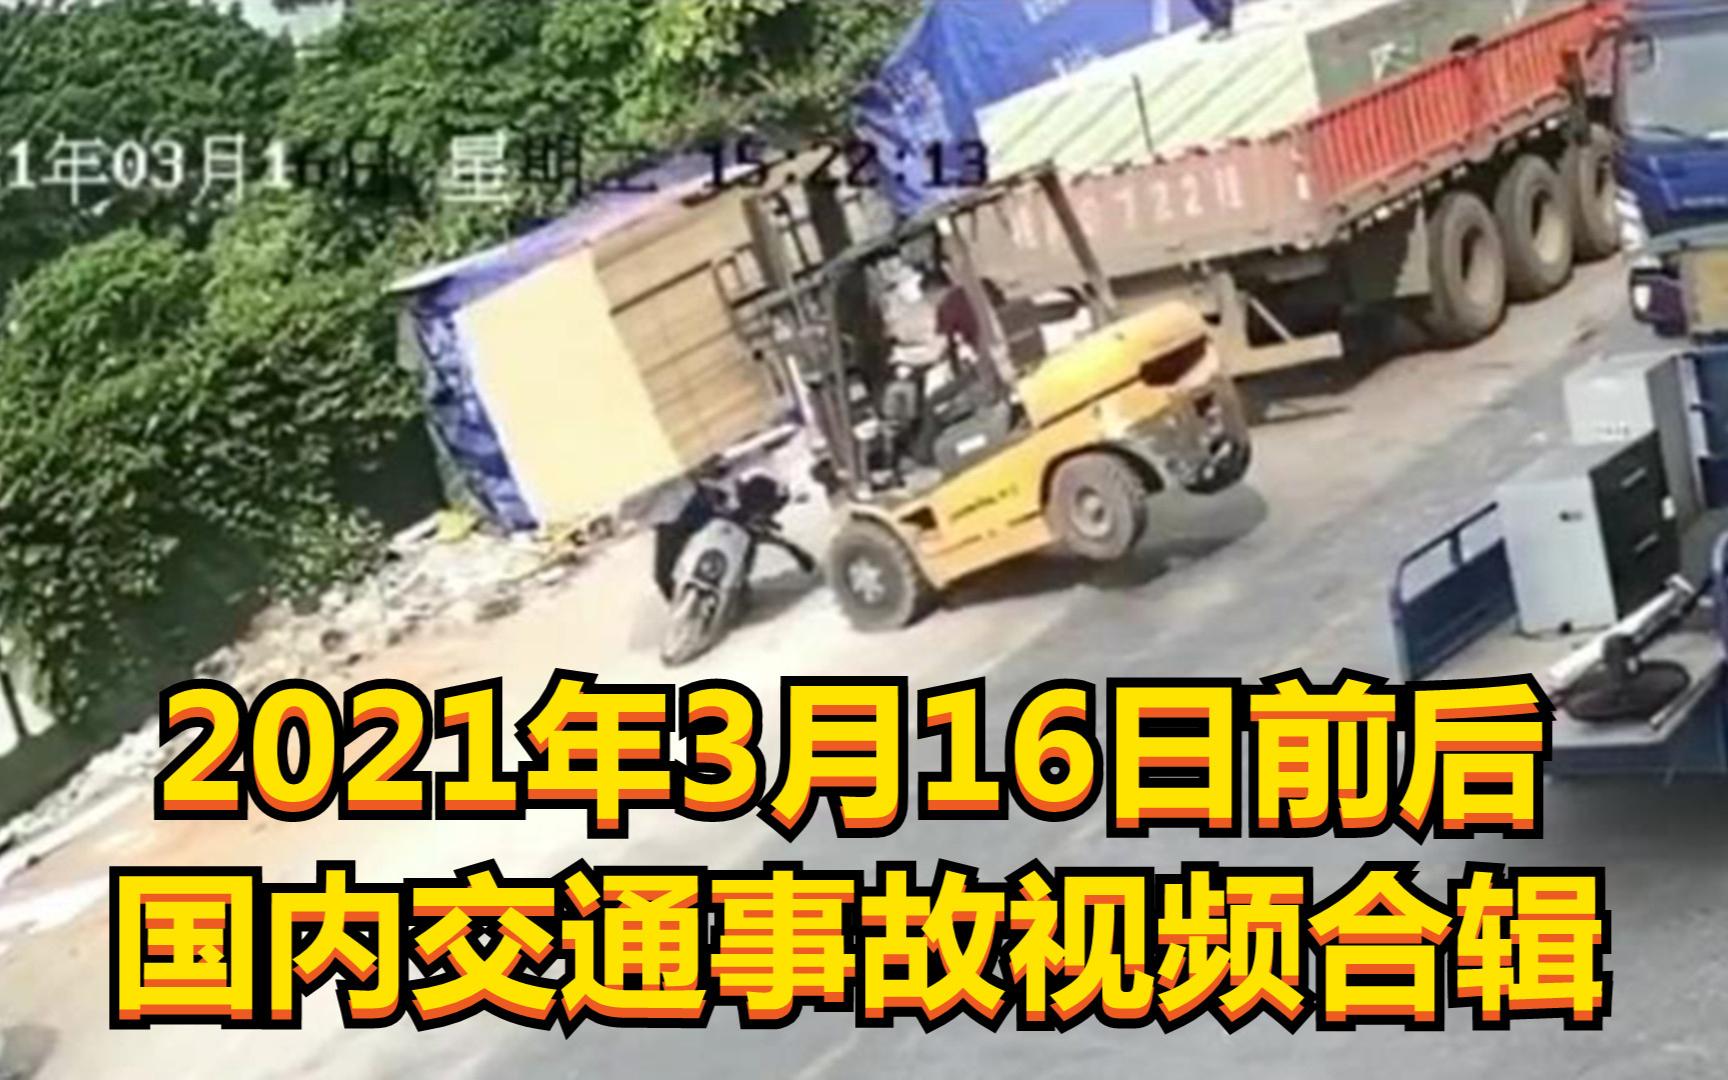 2021年3月16日前后国内交通事故视频合辑(叉车失去平衡,小伙绝地求生)